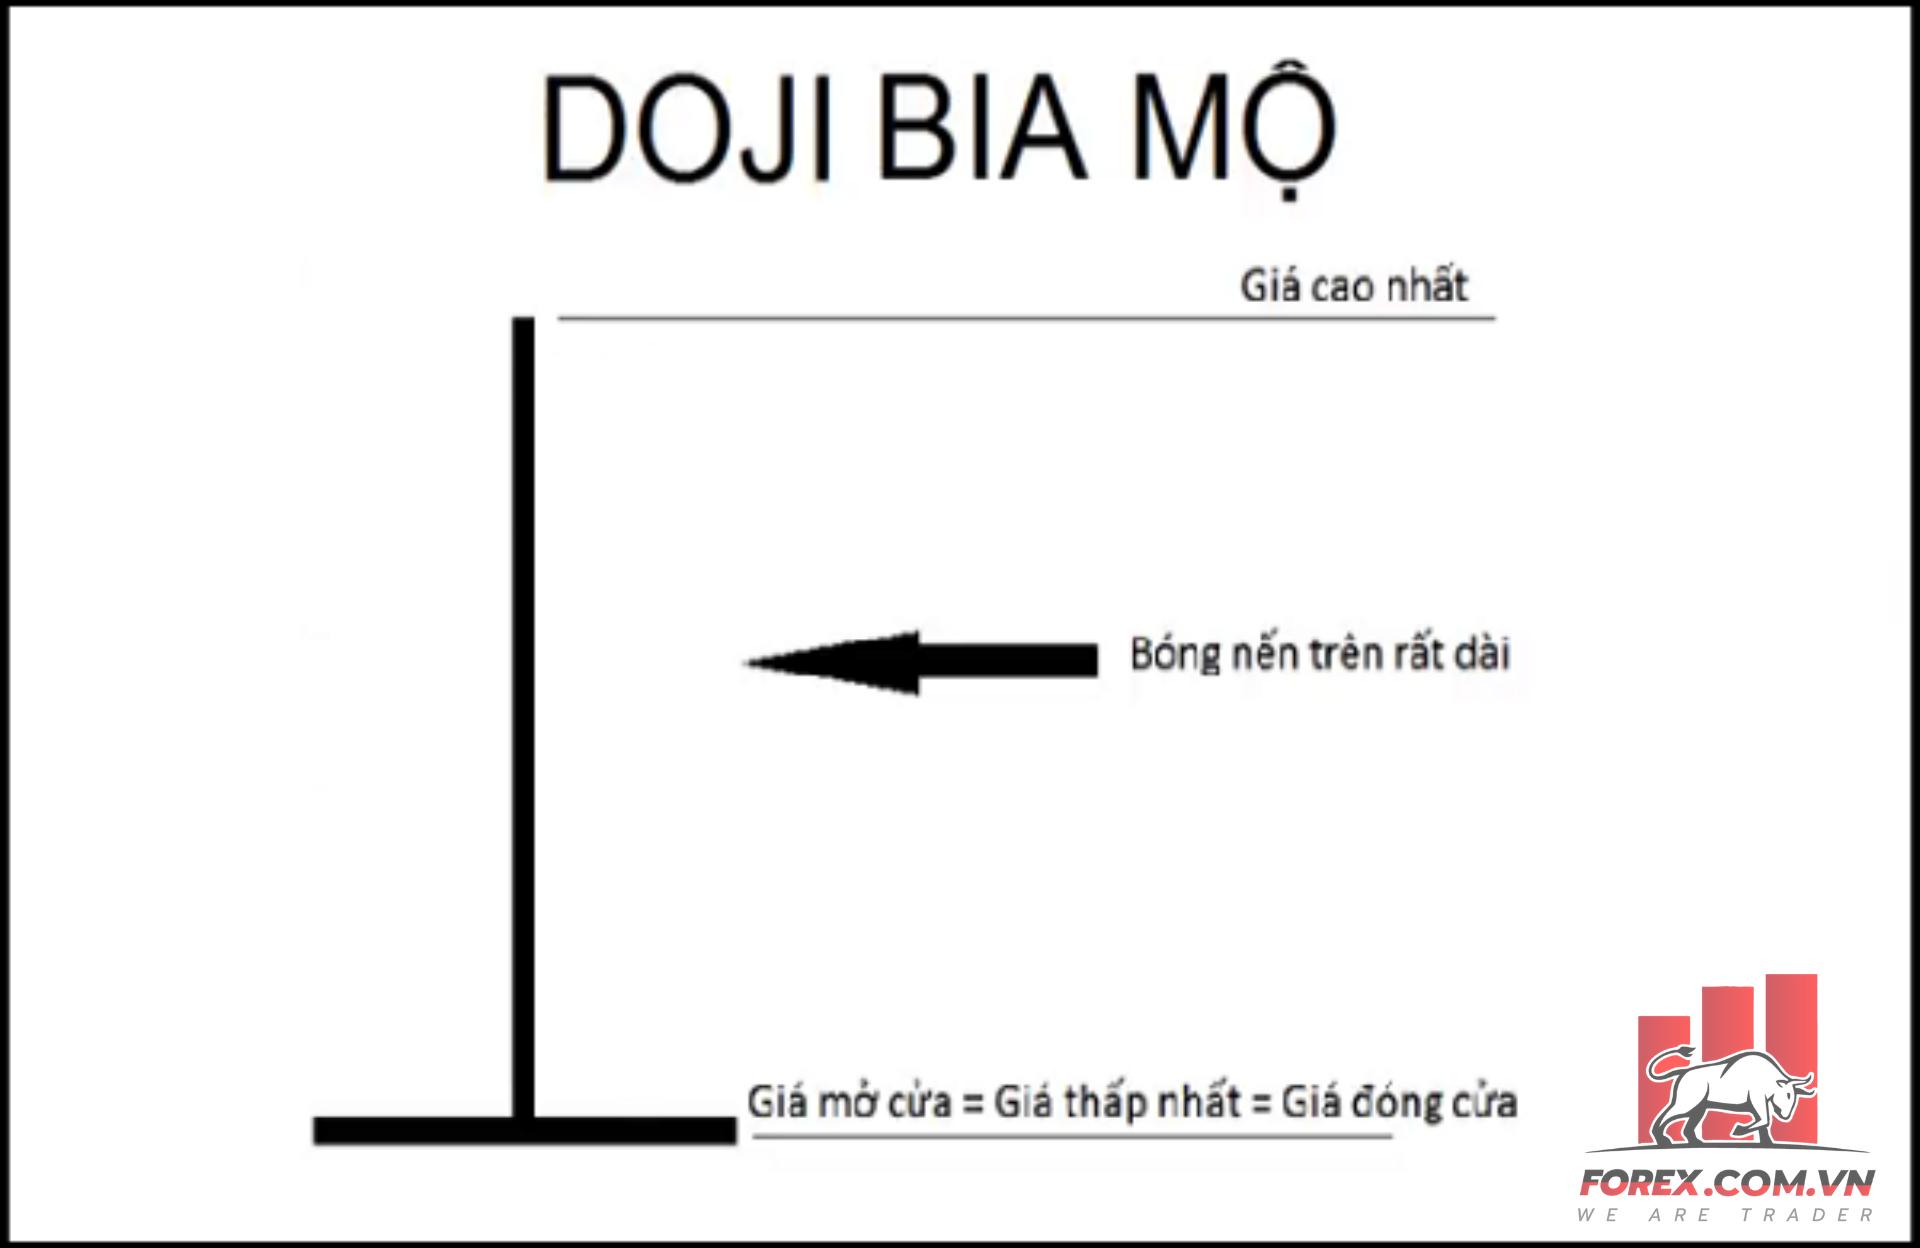 Nhận diện mô hình nến Doji Bia mộ Gravestone Doji trên biểu đồ giá